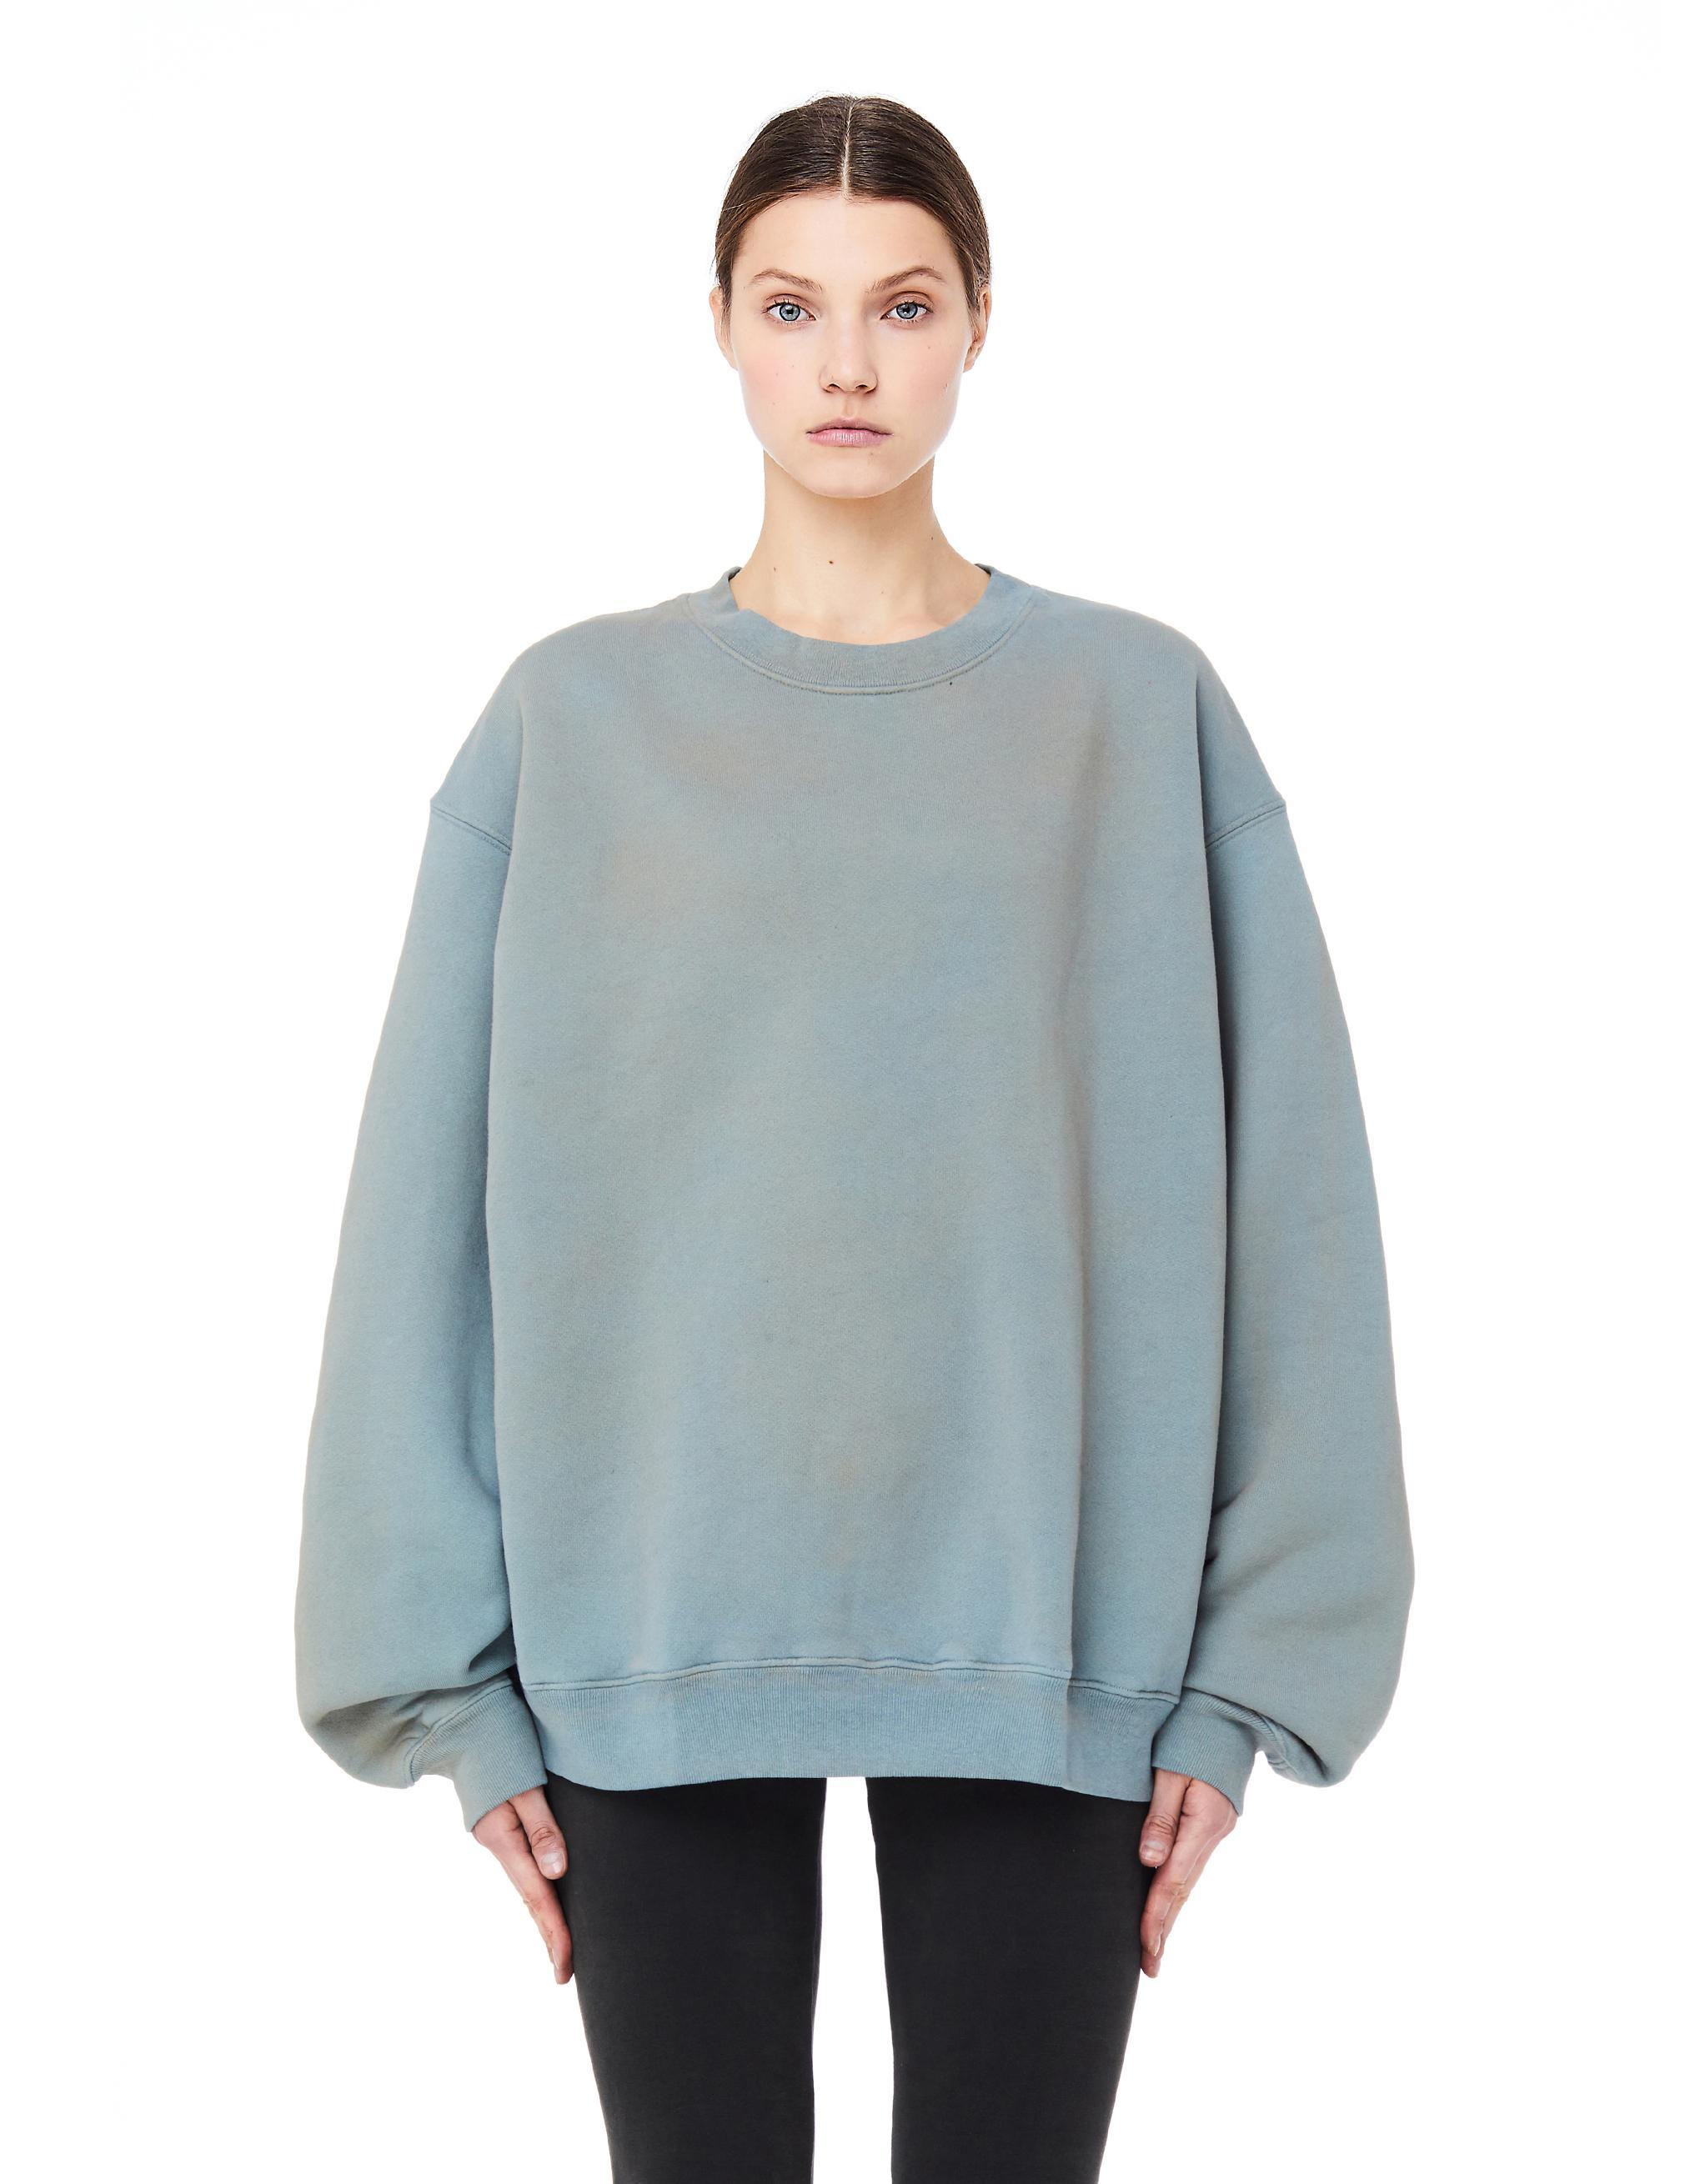 3e91d73a7 Yeezy Glacier Cotton Sweatshirt in Blue - Lyst